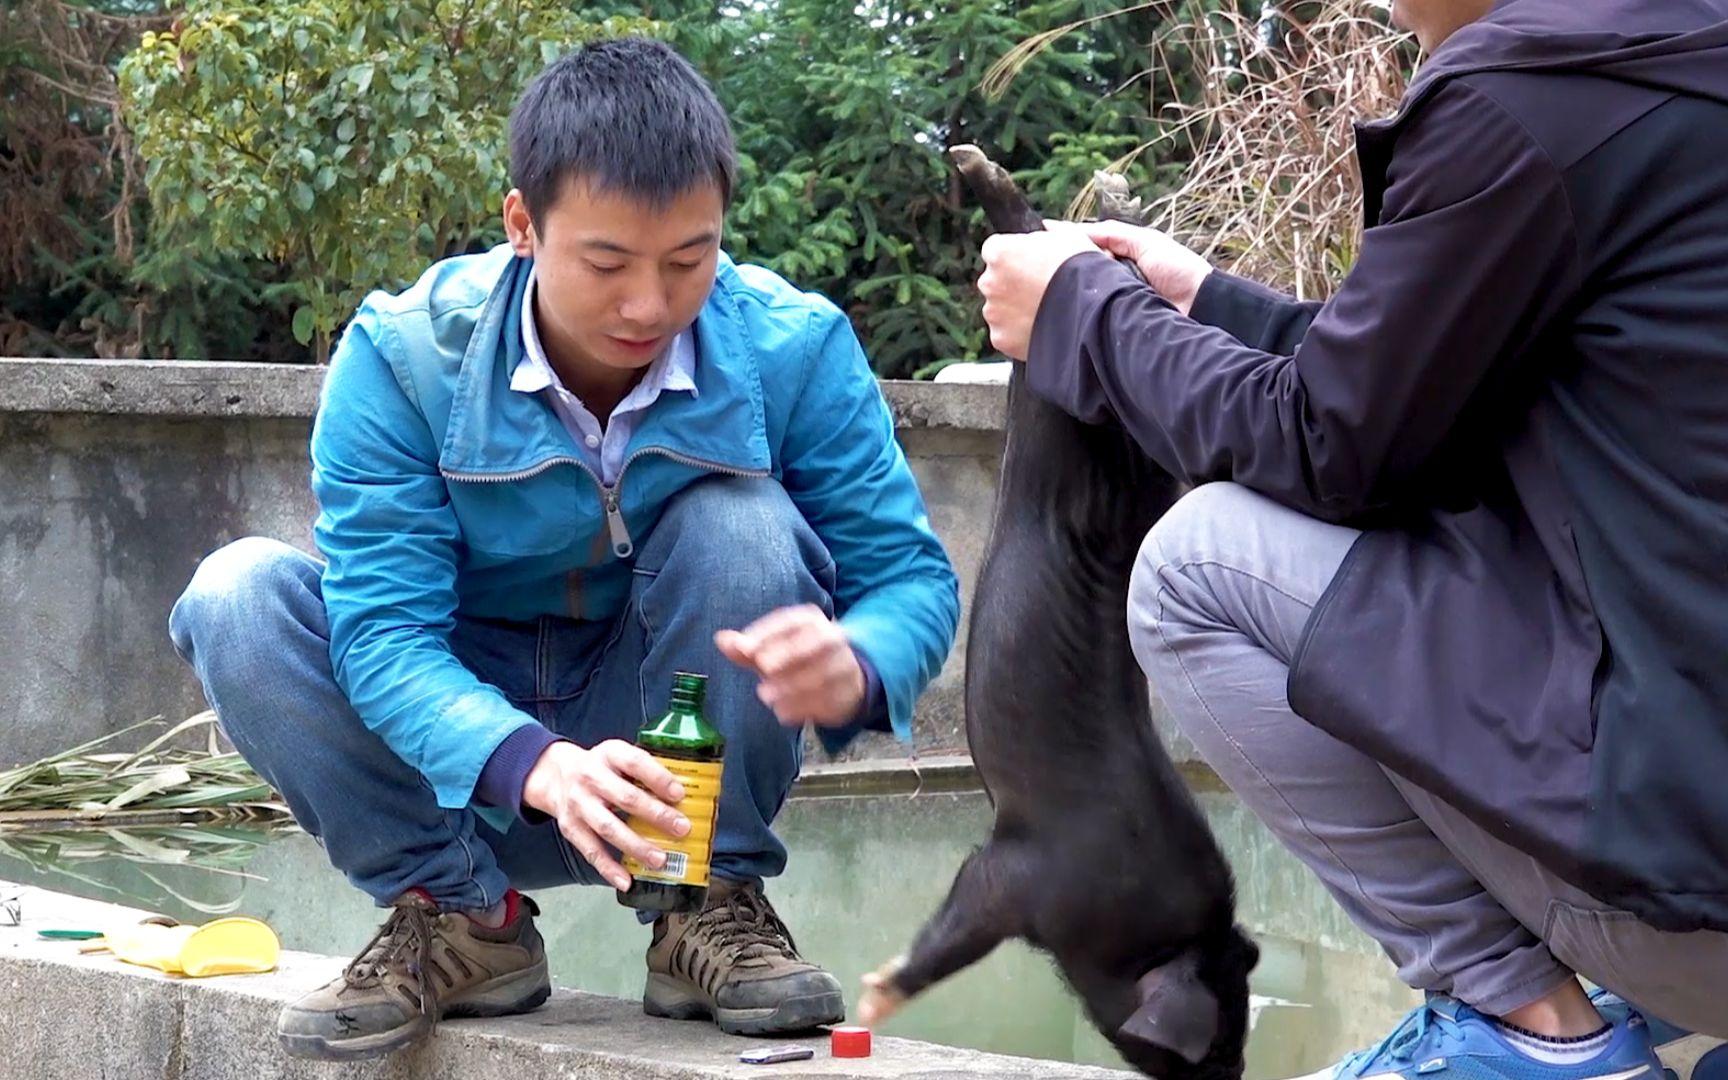 华农兄弟:狗子又生了12只小崽,带大家看一下,顺便抓只小公猪阉掉